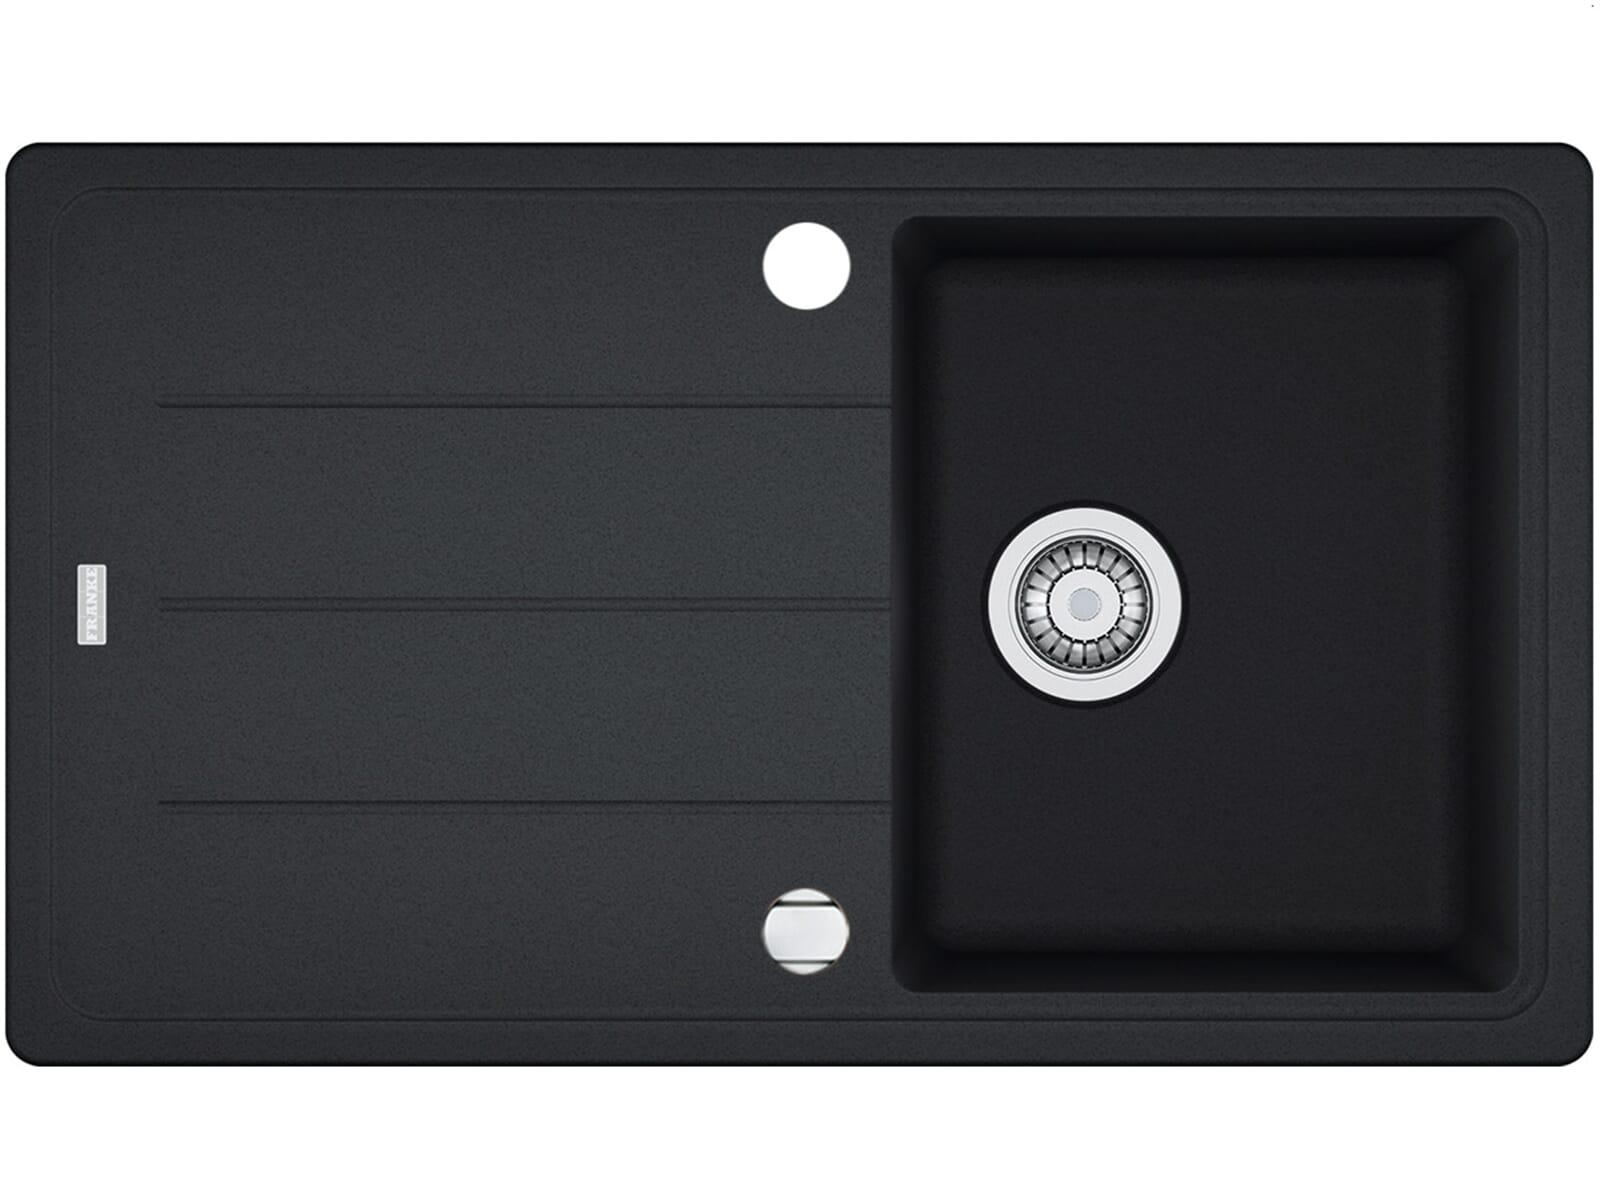 Franke Basis BFG 611-86 Graphit Granitspüle